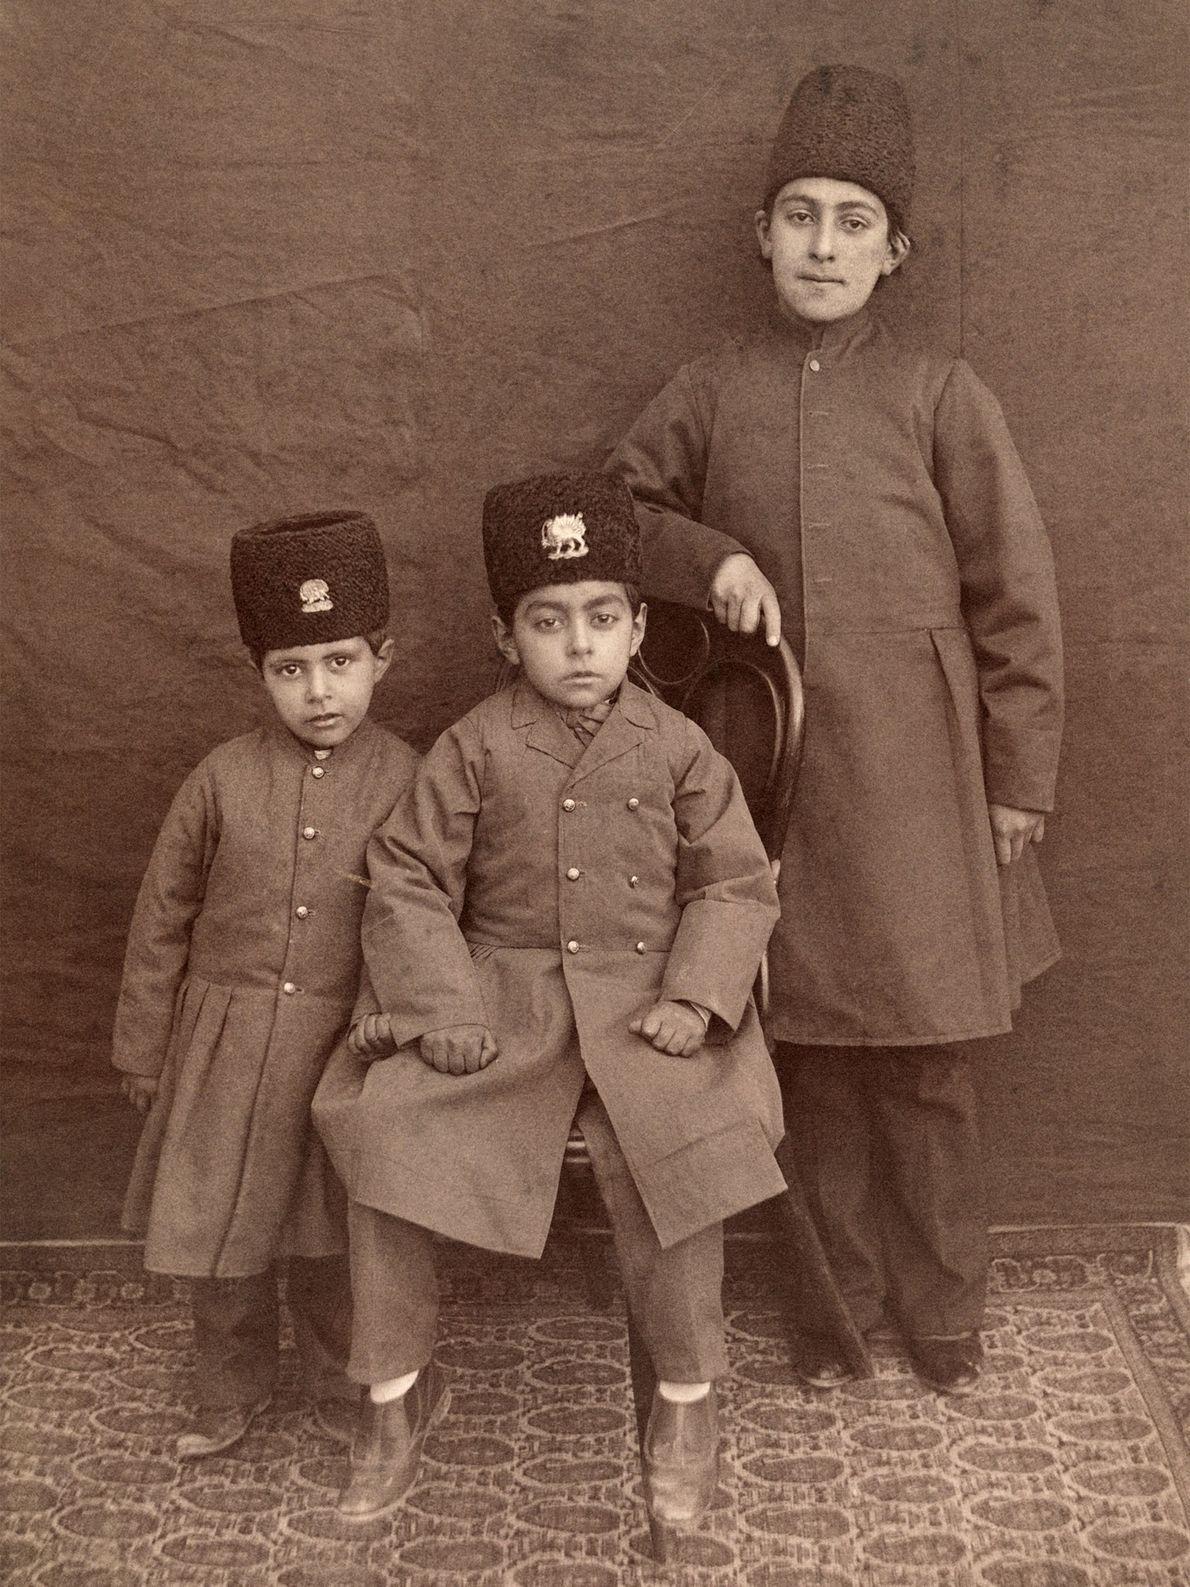 Drei persische Jungen in traditioneller Kleidung und Hüten posieren für ein Porträt.